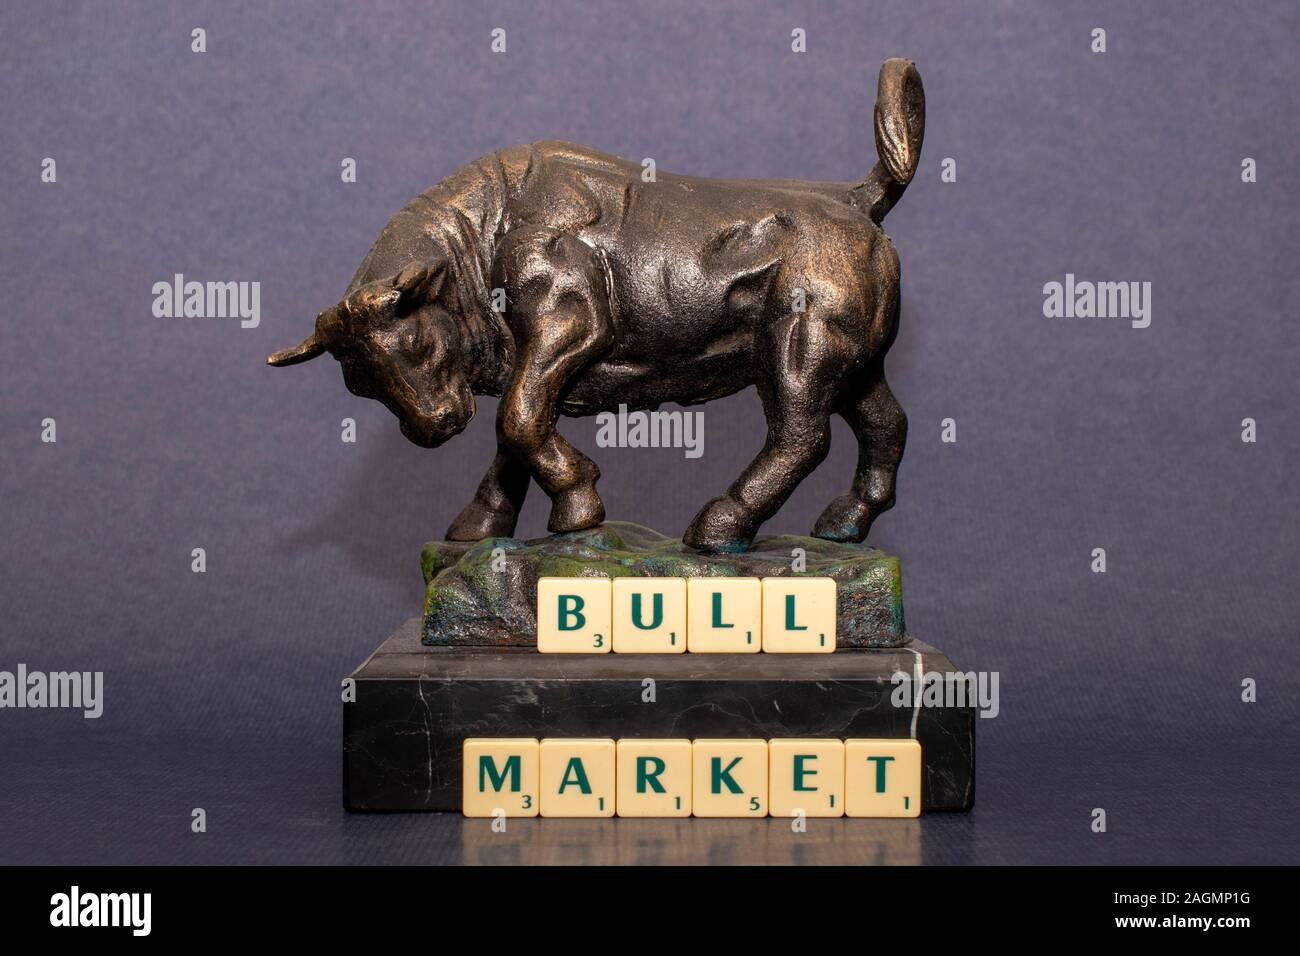 Marché de Bull Bull est représenté par un sentiment quand est élevé et les marchés financiers sont en hausse. Banque D'Images